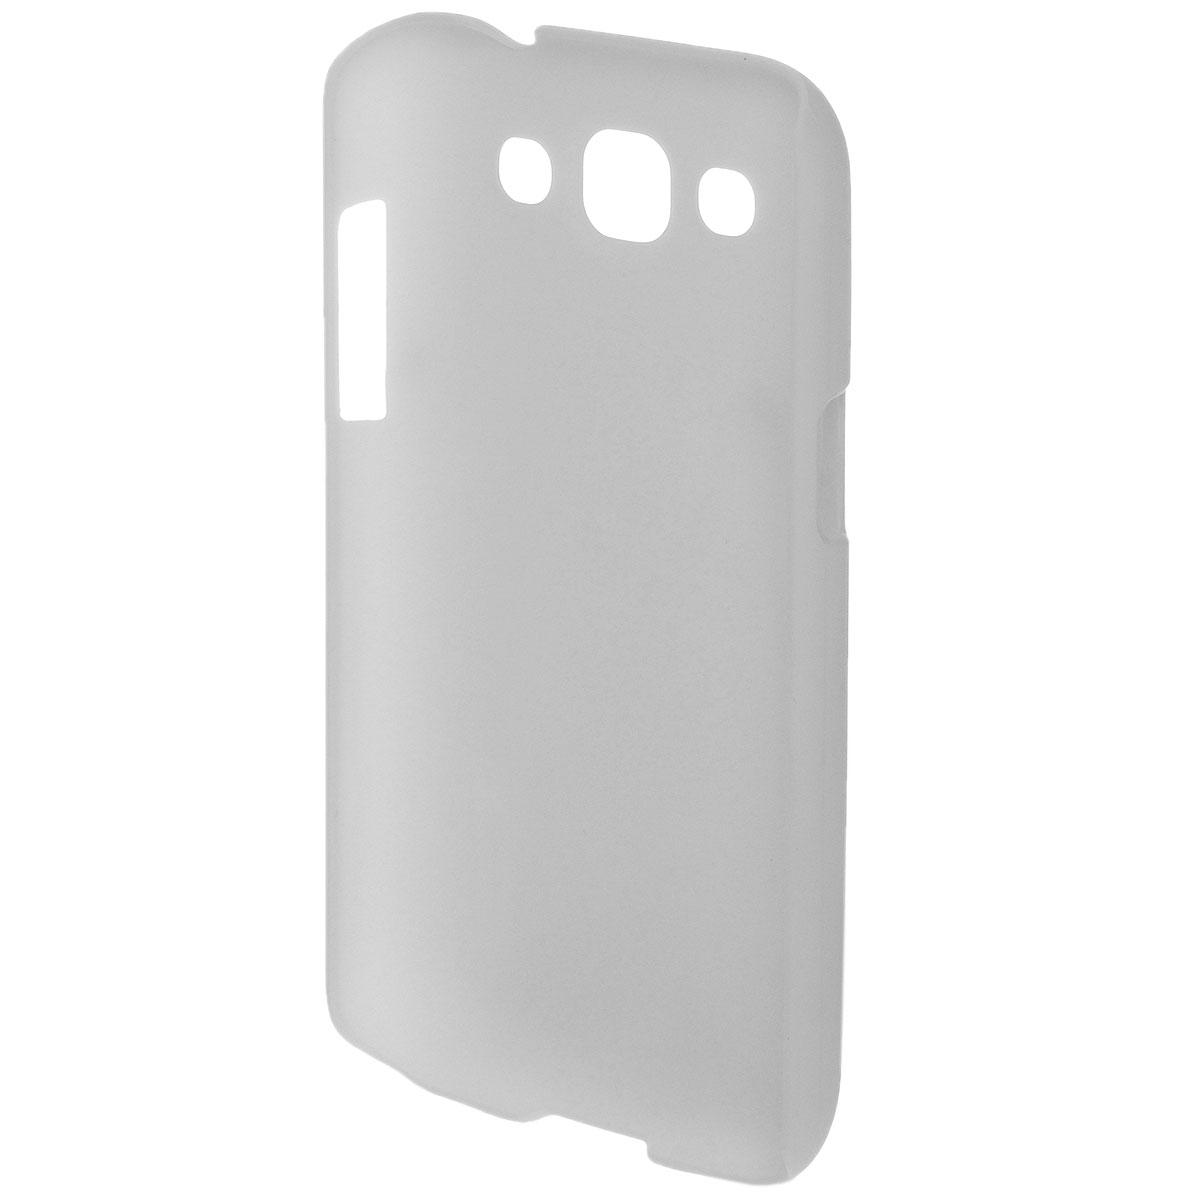 Nillkin Super Frosted Shield чехол для Samsung I8552, WhiteT-N-SI8552-002Чехол Nillkin Super Frosted Shield для Samsung I8552 изготовлен из экологически чистого поликарбоната путем высокотемпературной высокоточной формовки. Обе стороны чехла выполнены в соответствии с самой современной технологией изготовления матовых материалов, устойчивых к оседанию пыли, и покрыты краской, светящейся под воздействием ультрафиолета. Элегантный дизайн, чехол приятен на ощупь. Жесткость чехла предотвращает телефон от повреждений во время транспортировки. Размер чехла точно соответствует размеру телефона с четким соответствием всех функциональных отверстий. Вы можете использовать чехол, как вам будет удобно. Он изготовлен из цельной пластины методом загиба, износостойкий, устойчив к оседанию пыли, не скользит, устойчив к образованию отпечатков, легко чистится. Супертонкий Не скользит в руках